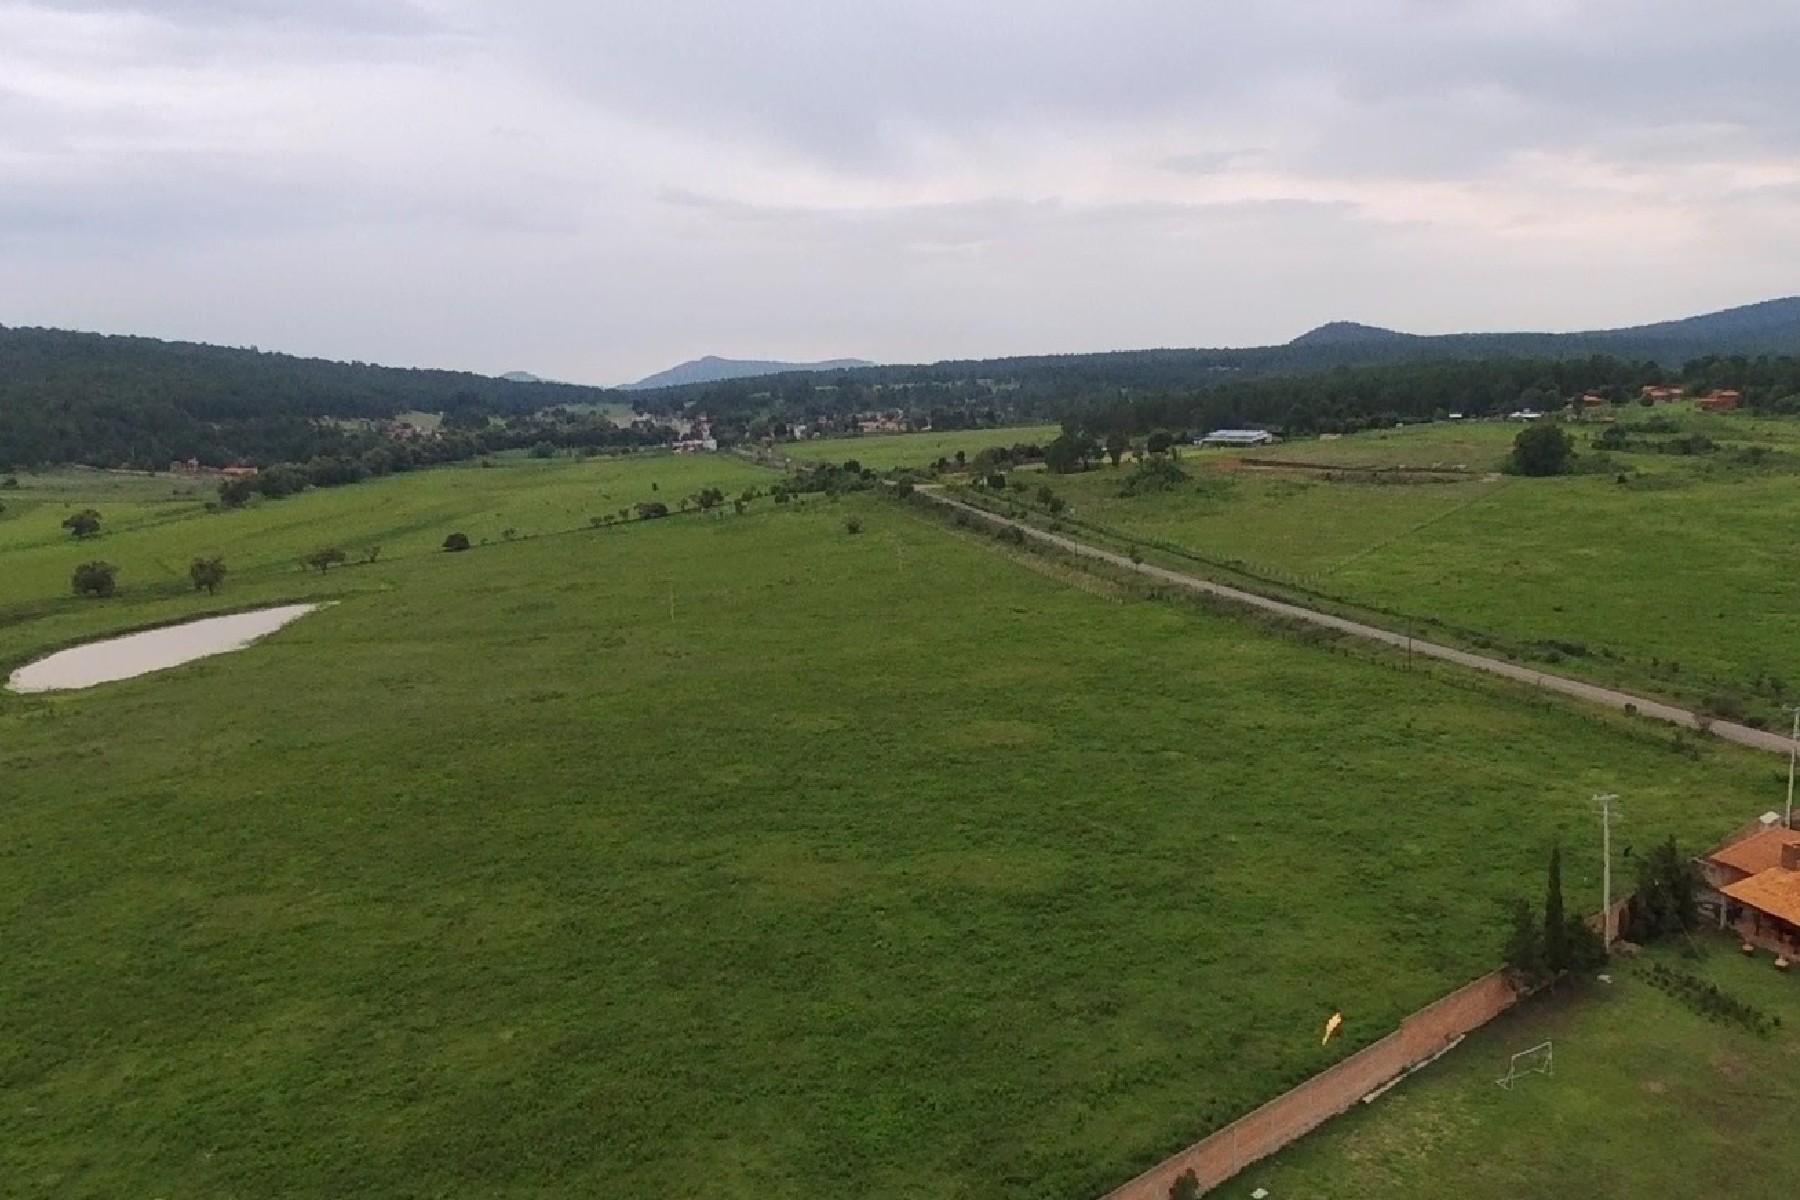 토지 용 매매 에 Lote Campestre, Los Soyates, Tapalpa, Jalisco Km 8 Carretera Tapalpa, Los Soyates Tapalpa, Jalisco 49340 멕시코